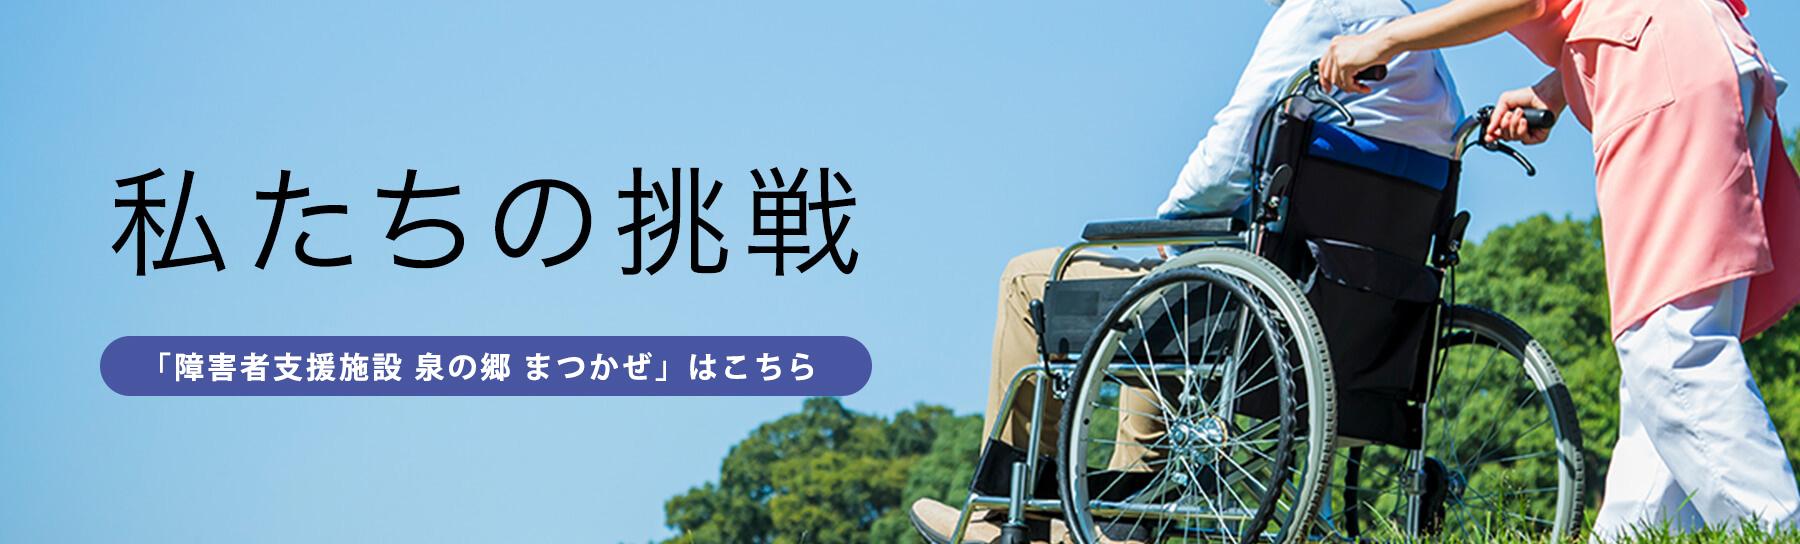 私たちの挑戦 障害者支援施設 新松風(仮称)はこちら